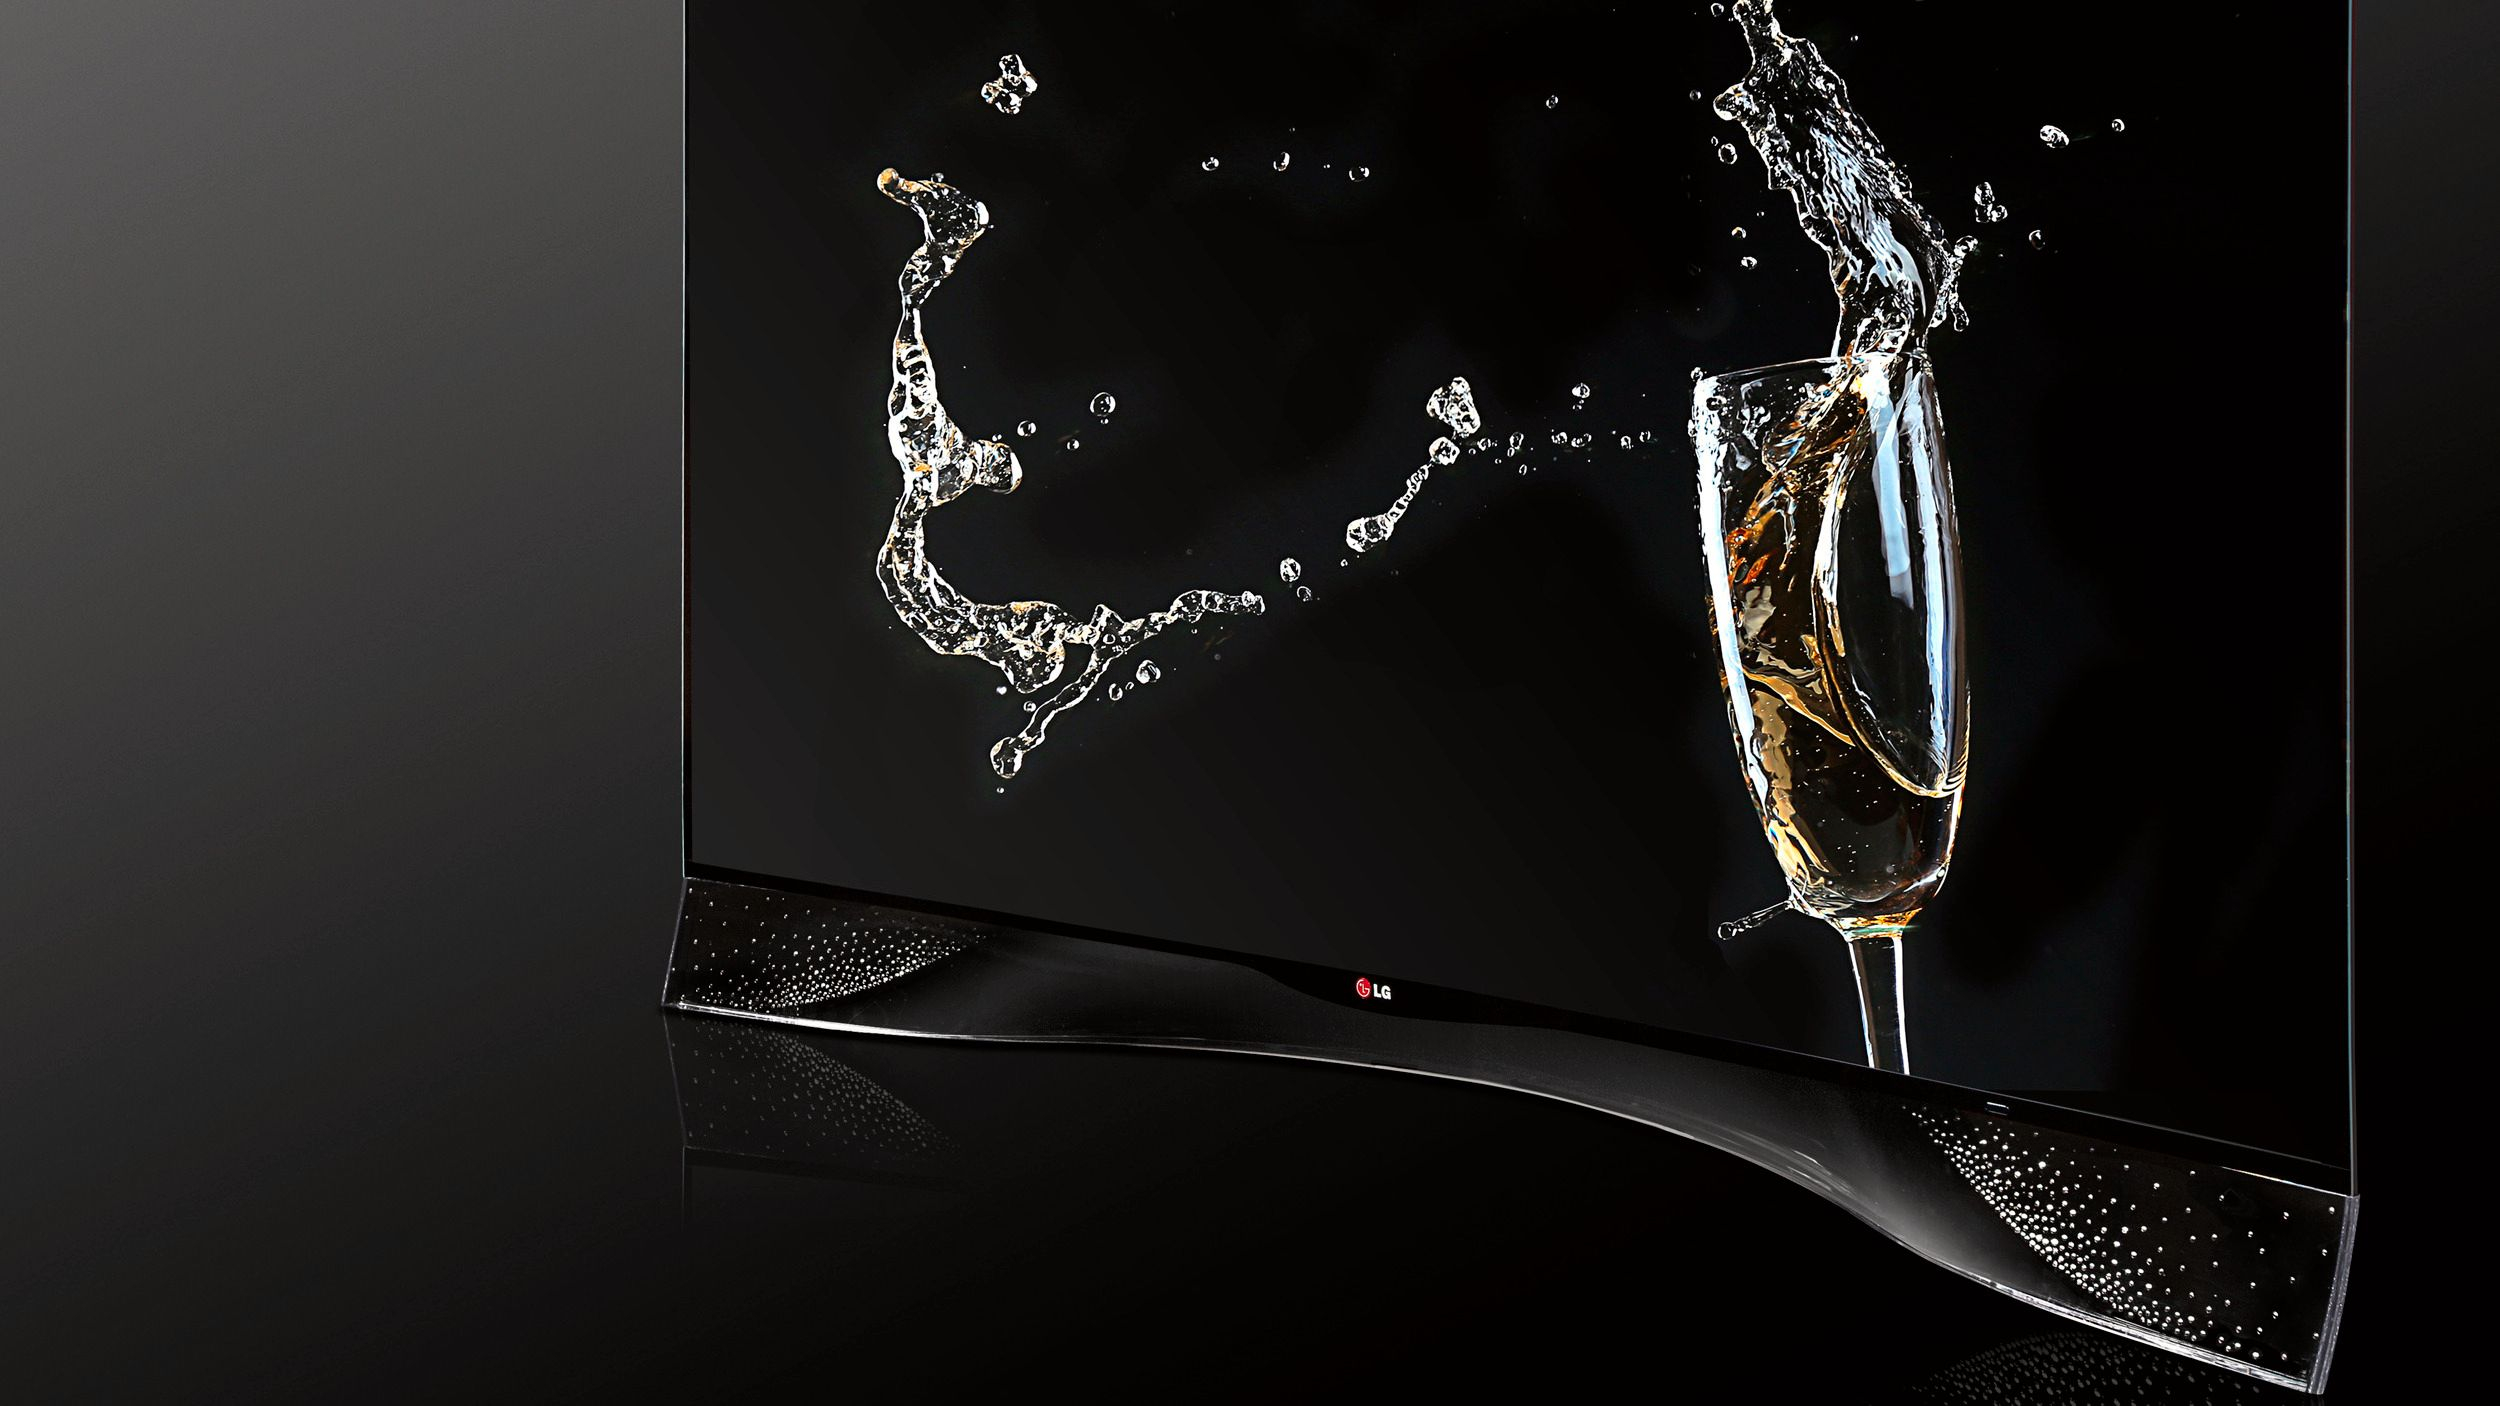 Dette kan trolig bli en av verdens dyreste TV-er